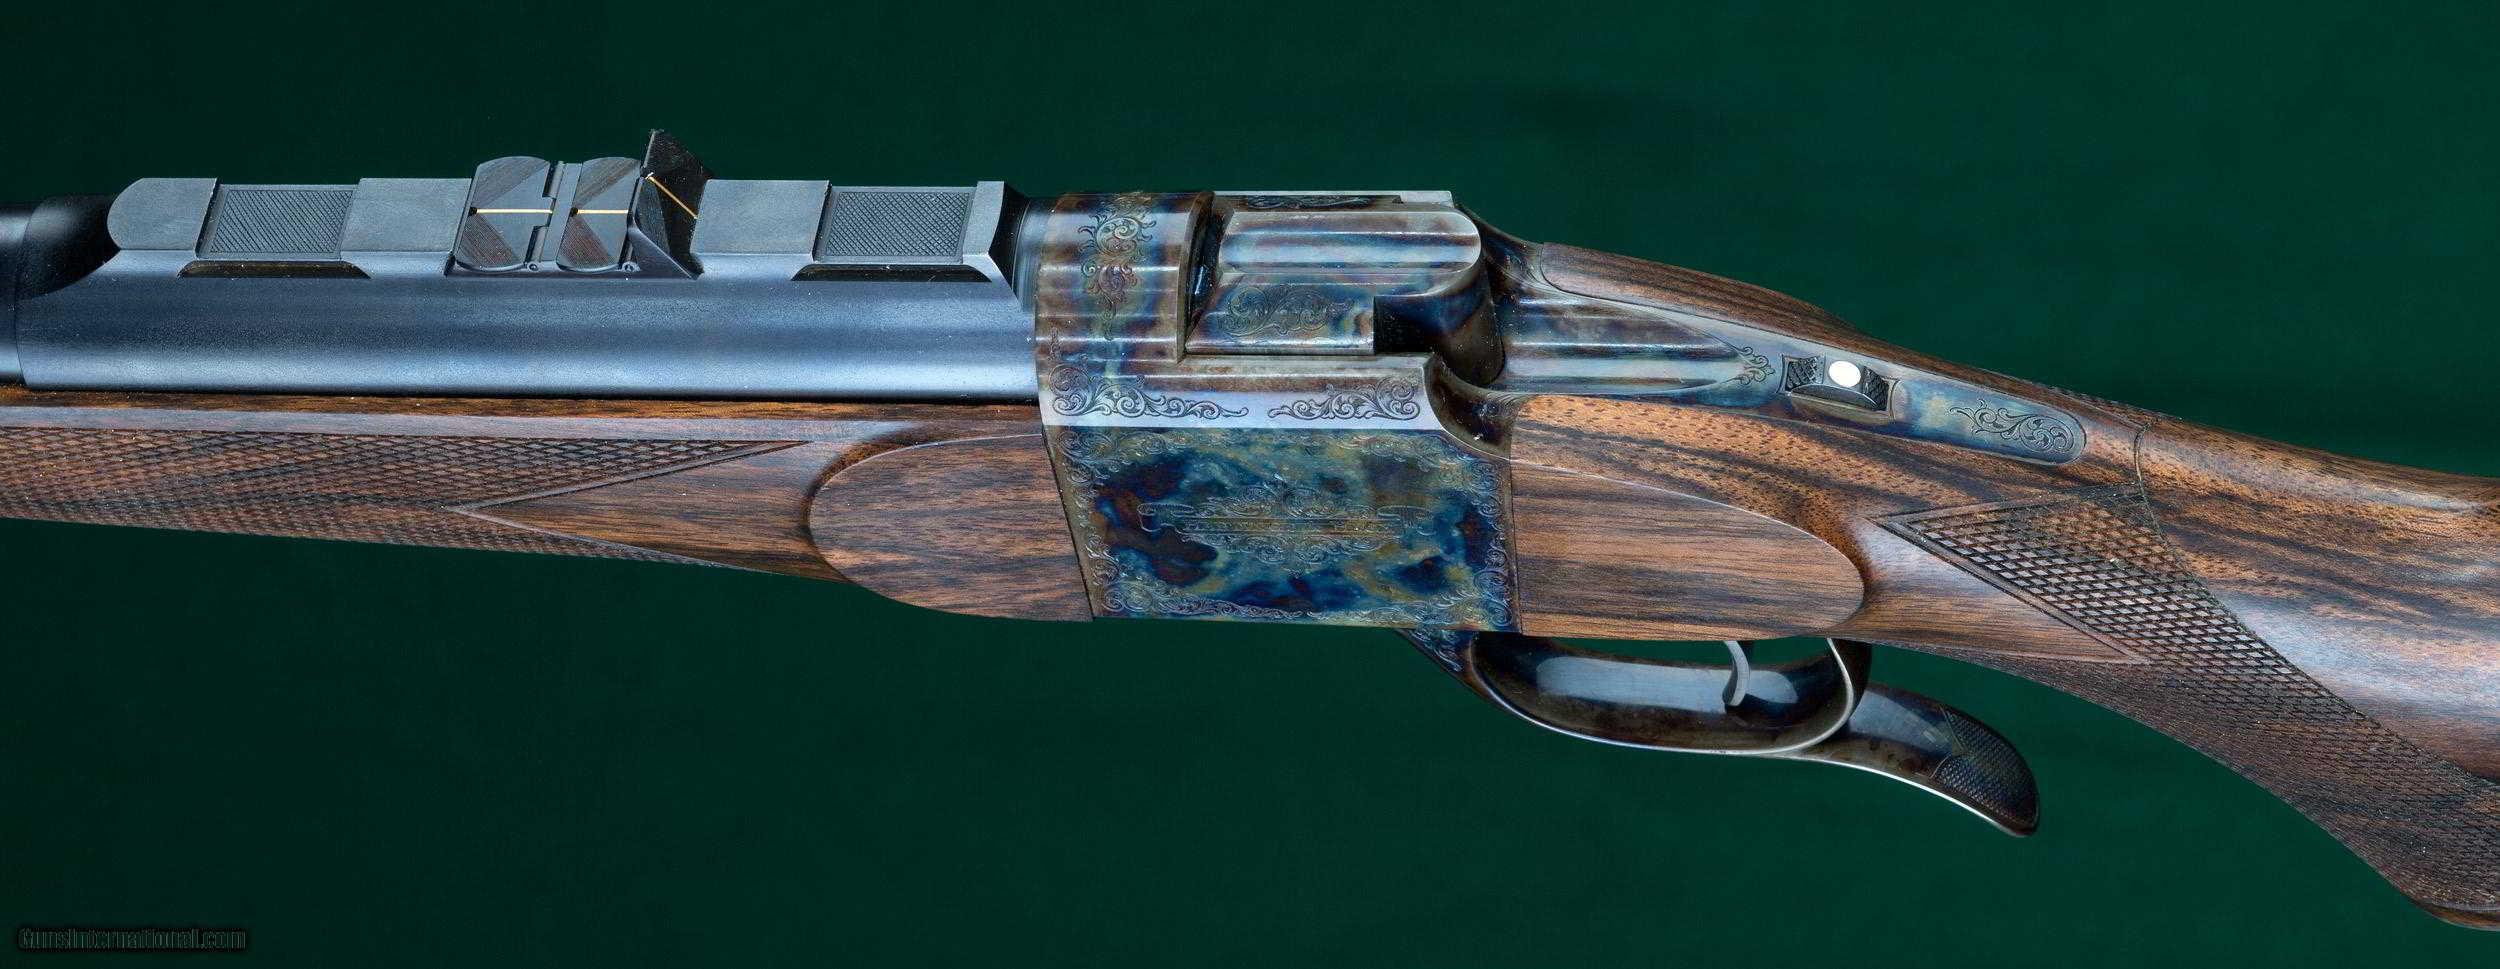 hastings  u0026 hagn --- custom hagn falling block rifle